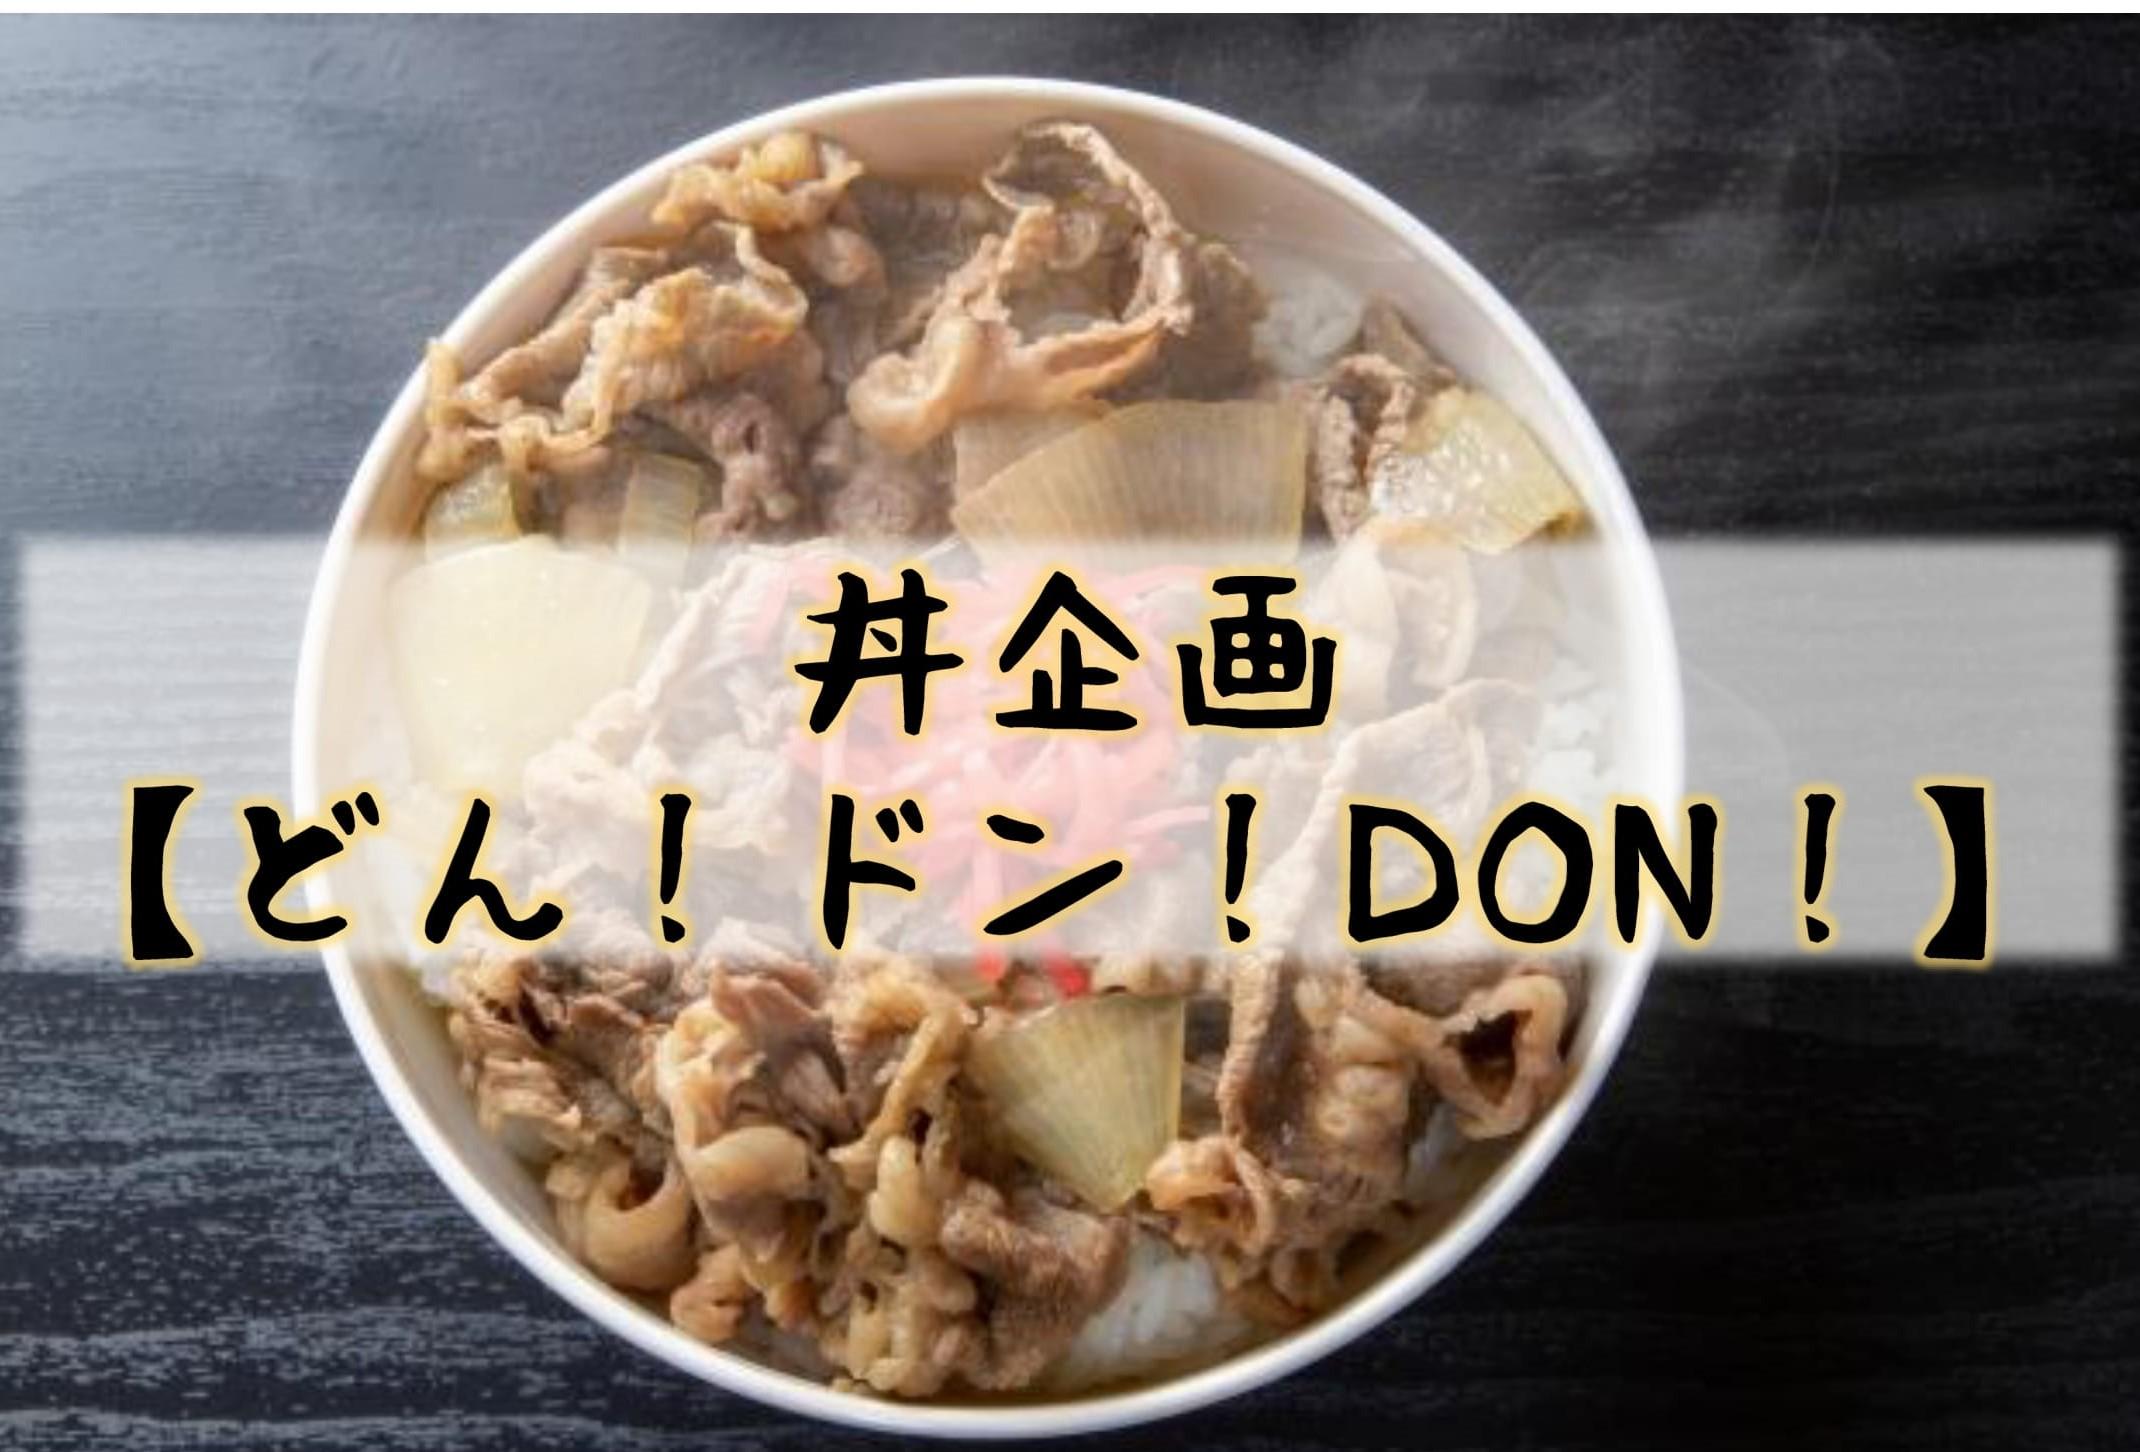 <人気企画再登場!>丼企画『どん!ドン!DON!』が始まります!!